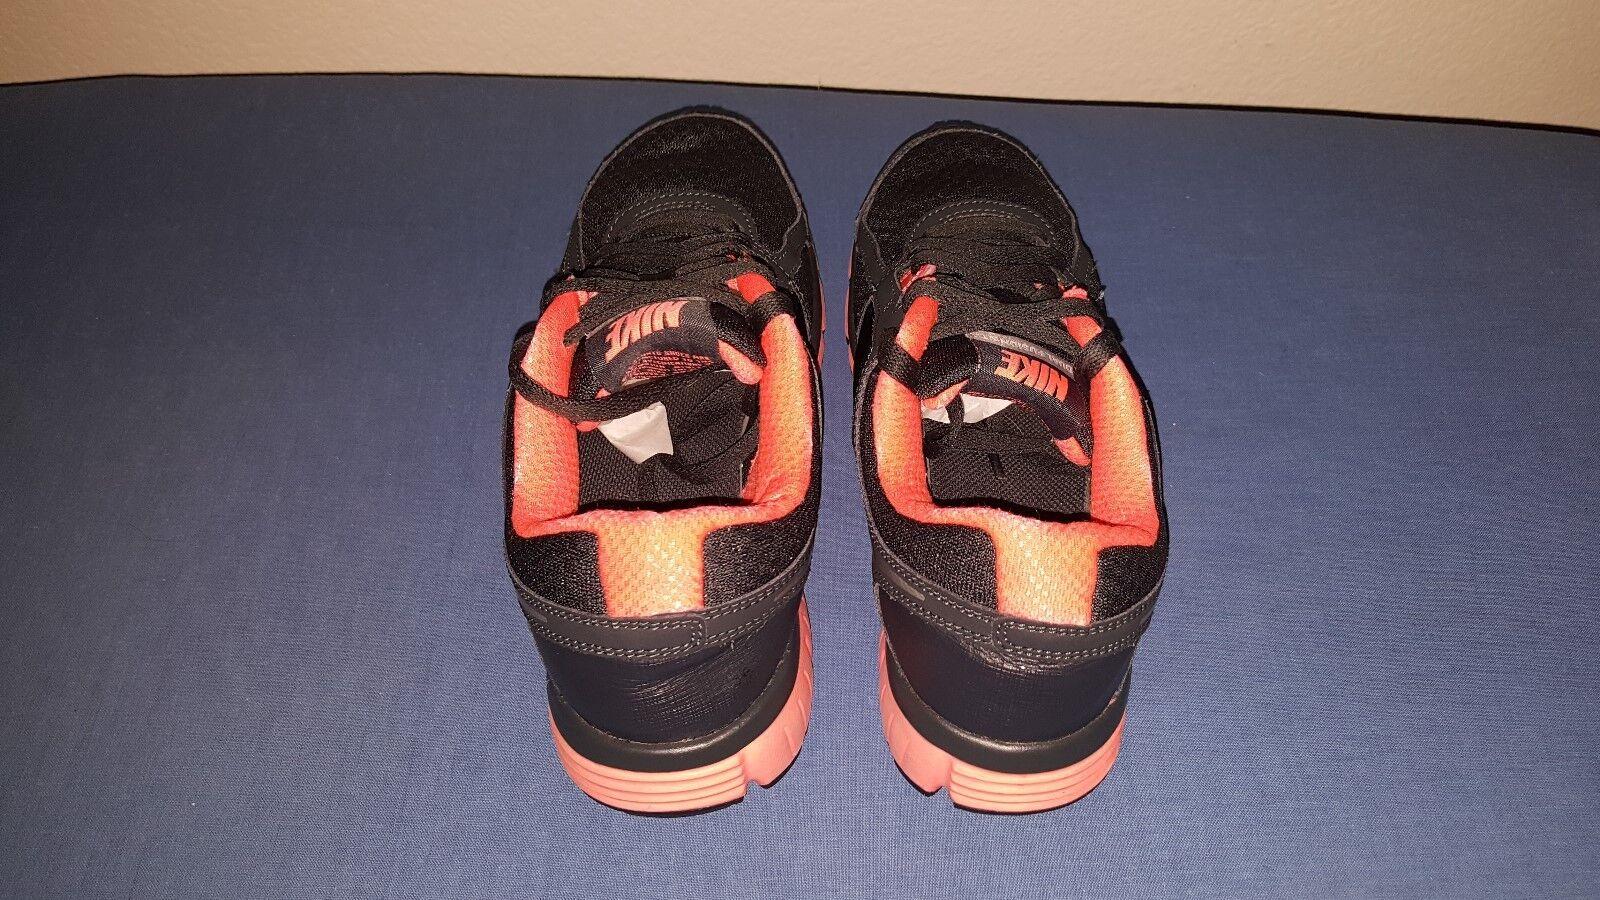 Nike Nike Nike doppia fusione delle nero arancia scarpe taglia 6 | acquisto speciale  | Uomini/Donne Scarpa  67602b